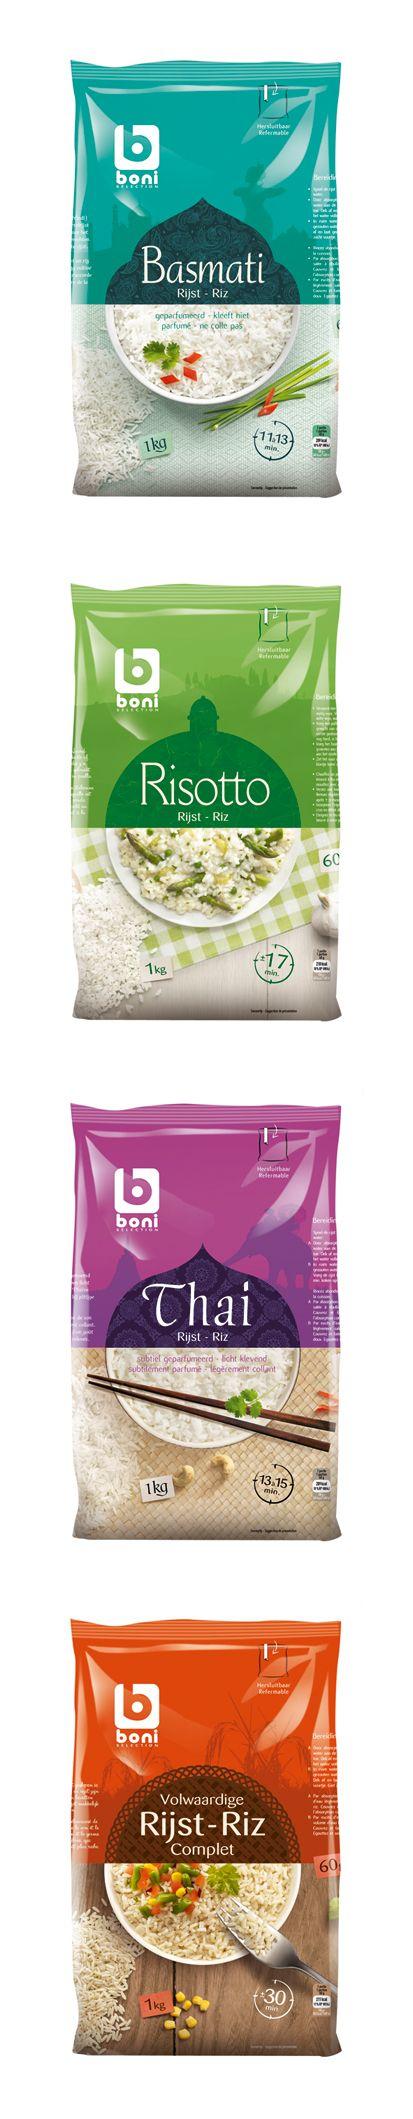 Boni rice